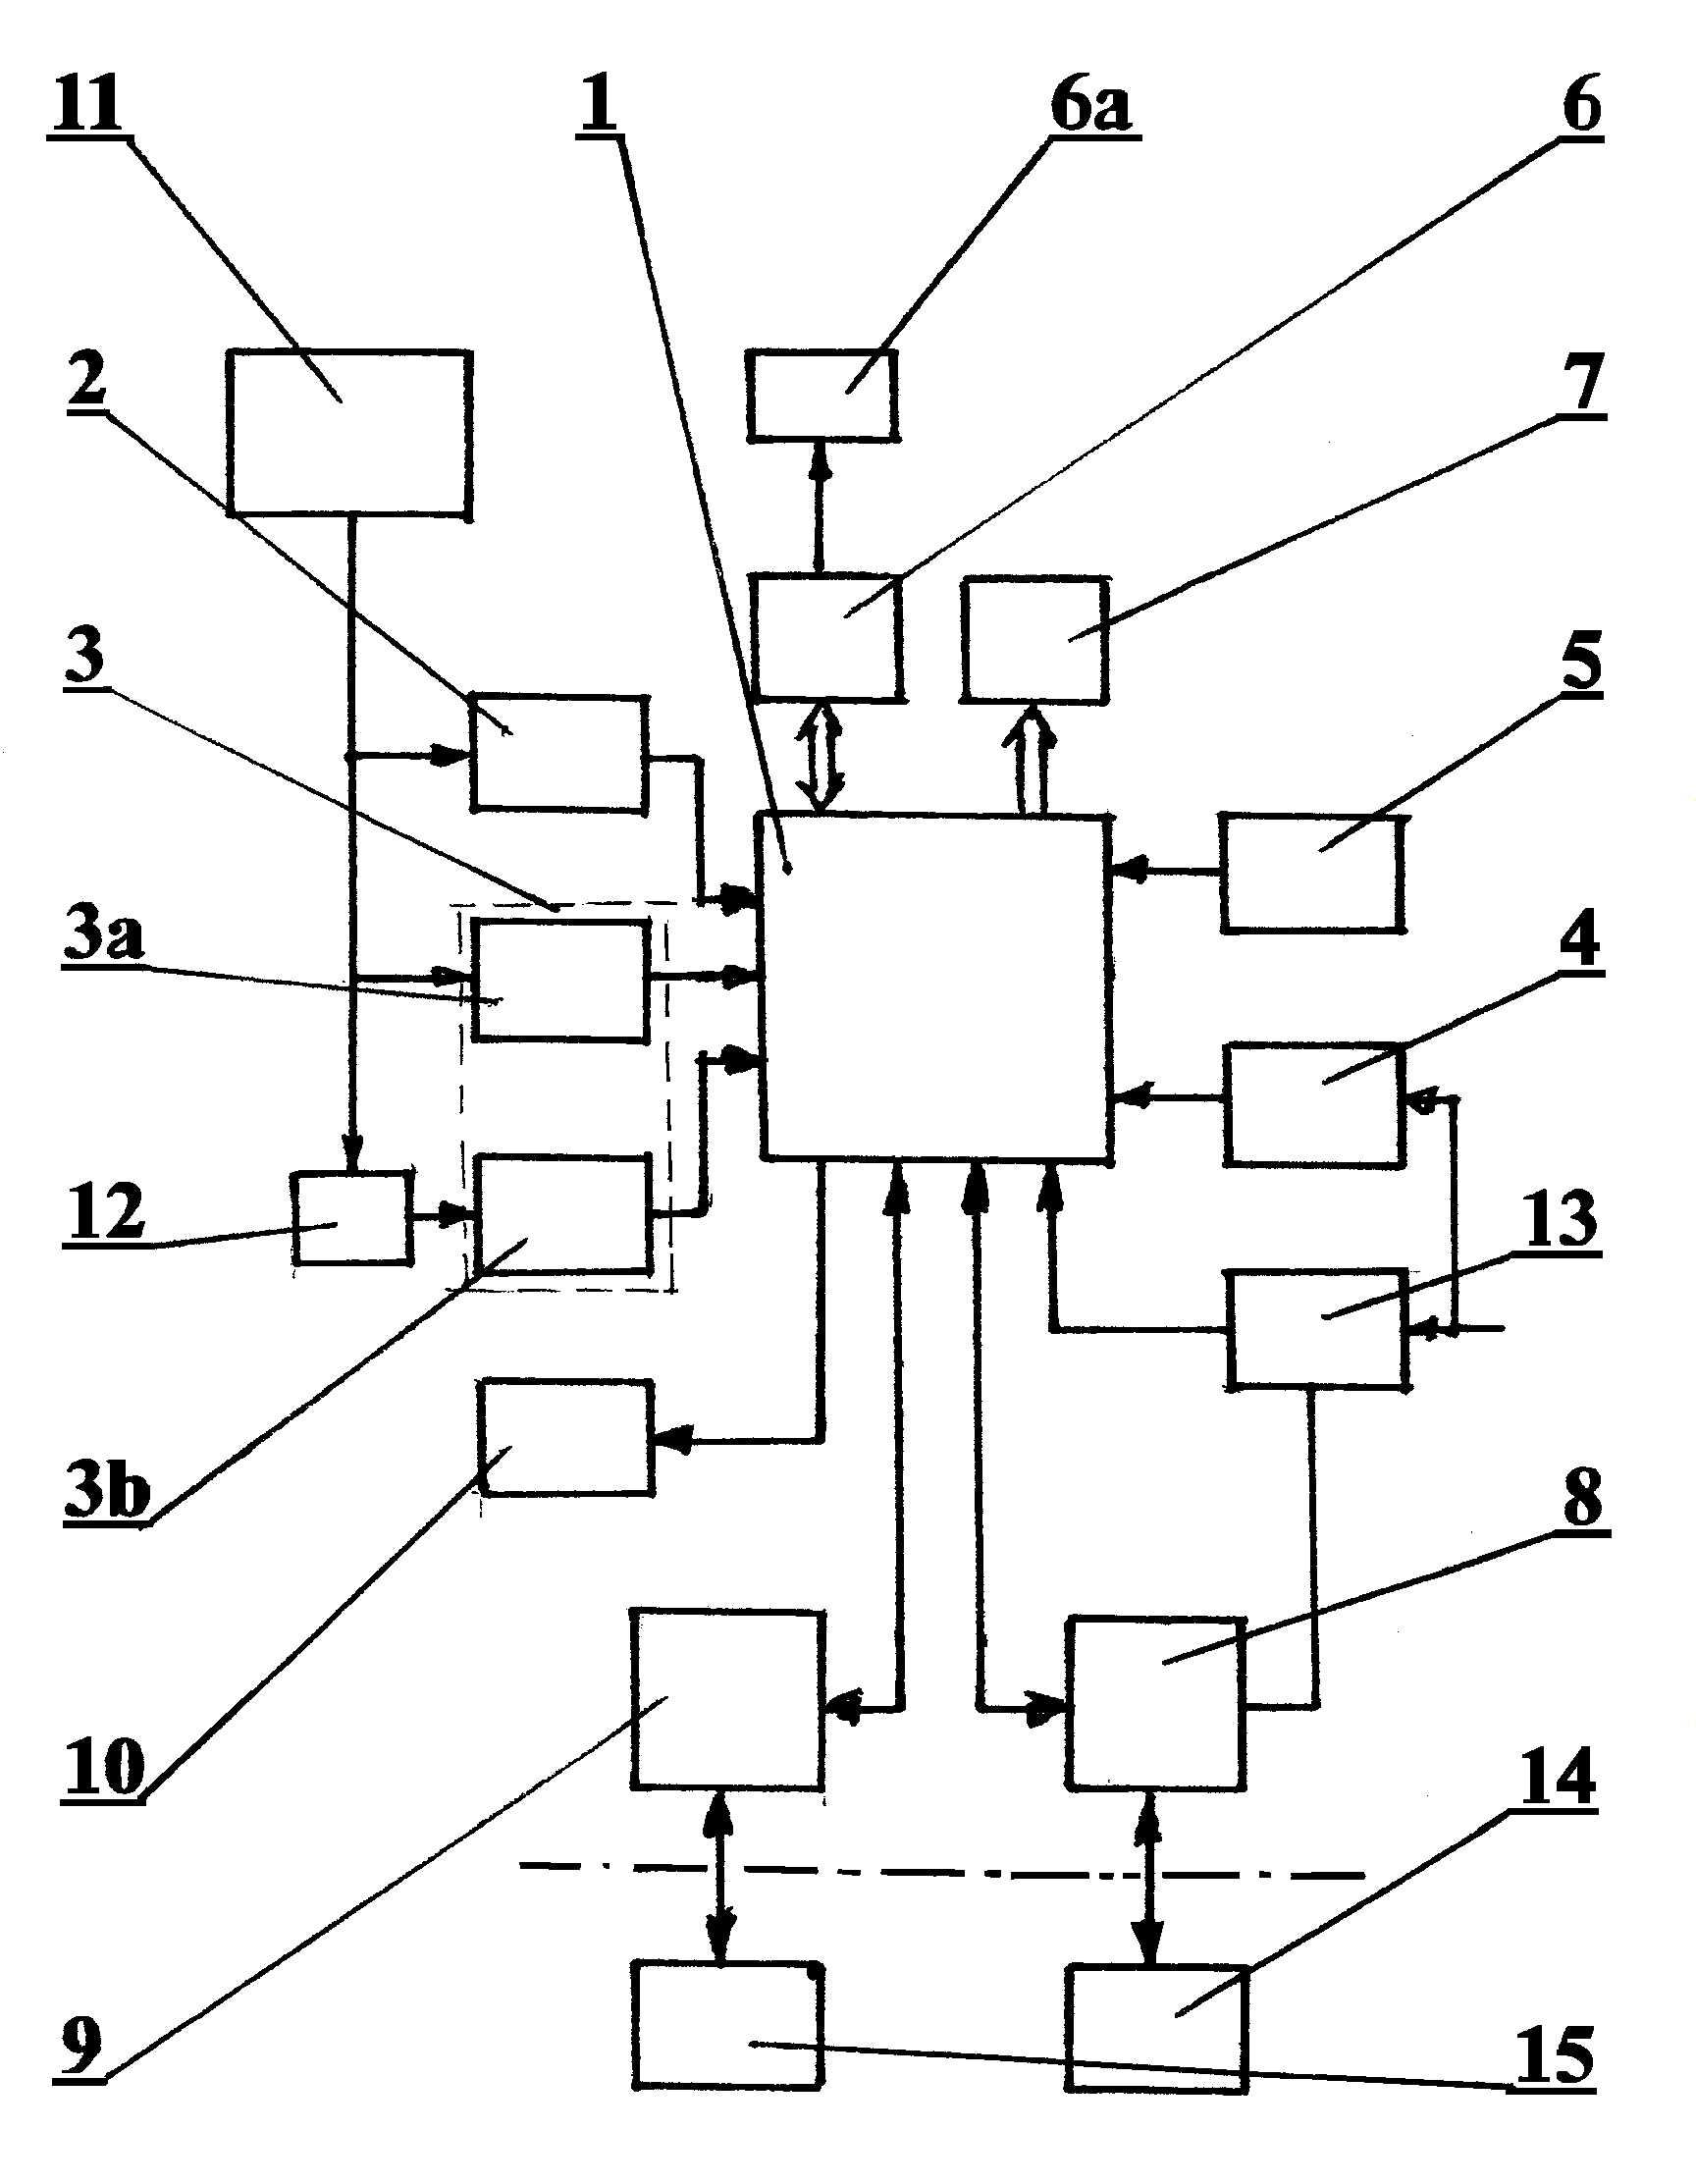 Układ przyrządu do nadzoru i pomiaru stanu sieci energetycznych z izolowanym punktem zerowym